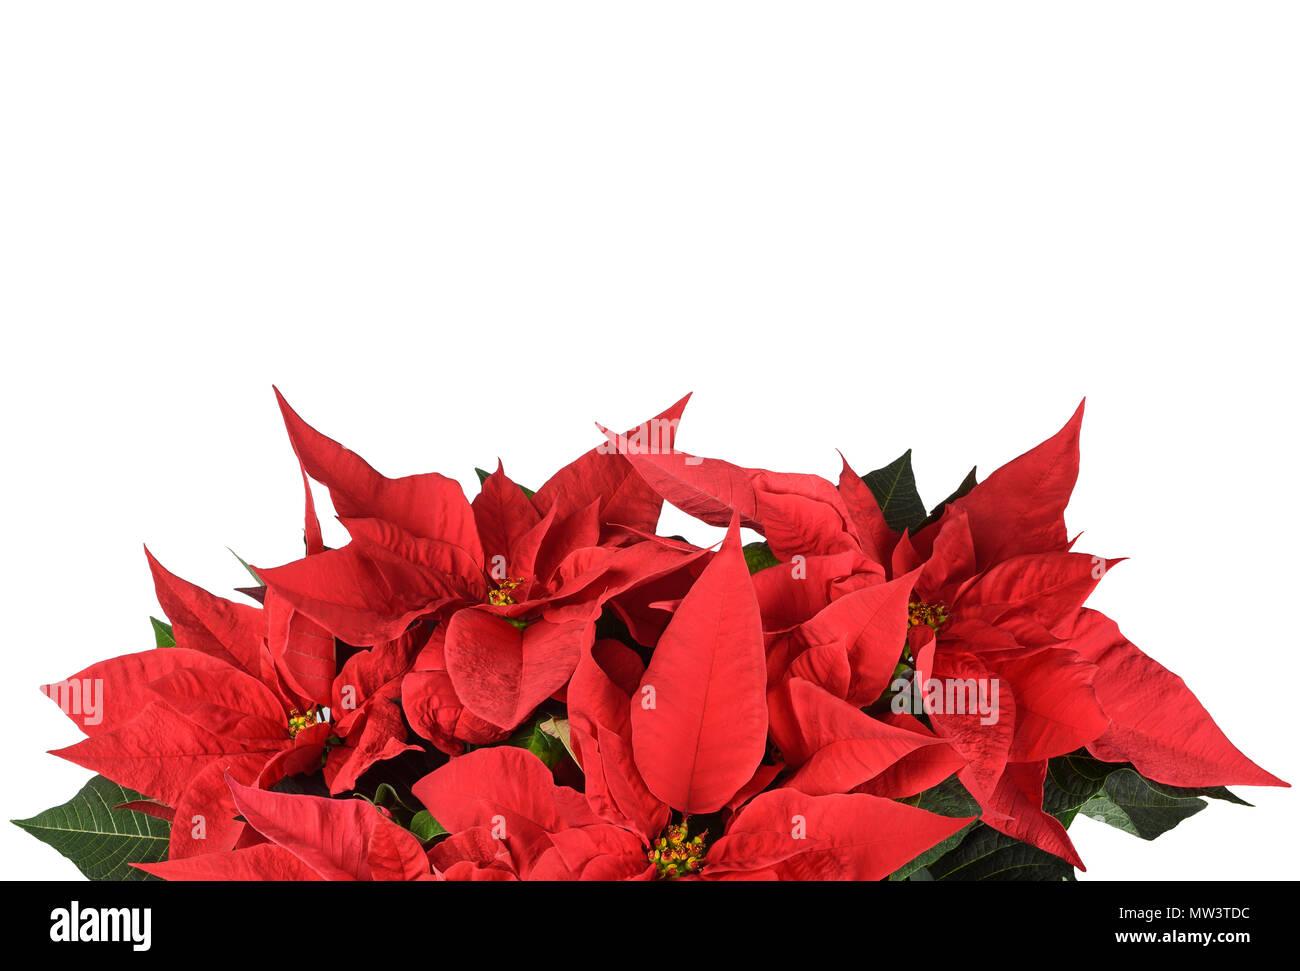 Weihnachtsstern Blumen auf weißem Hintergrund Stockfoto, Bild ...